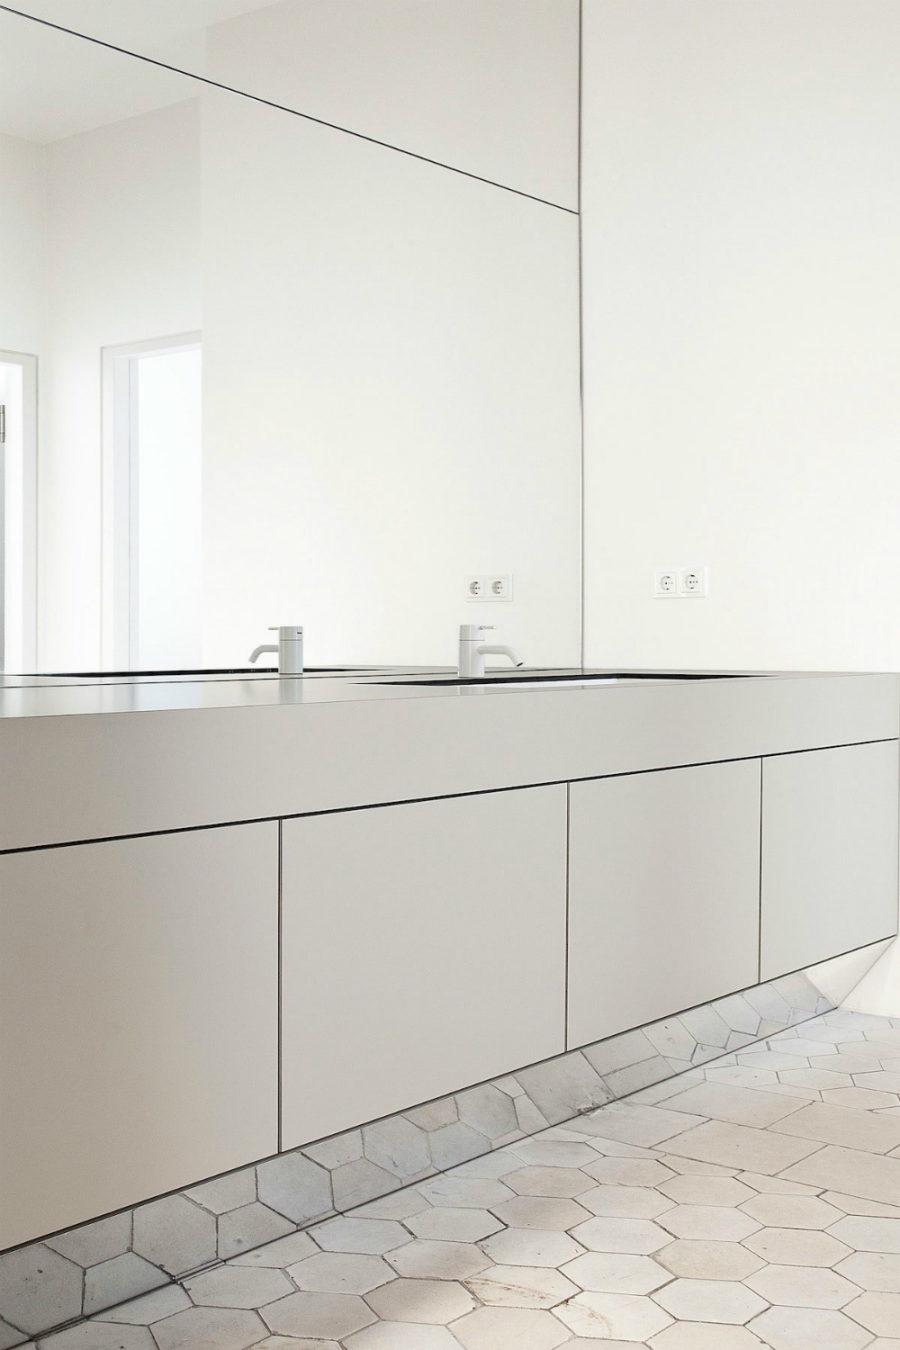 minimalist bathroom with hexagon tiles, sleek cabinets and a mirror wall